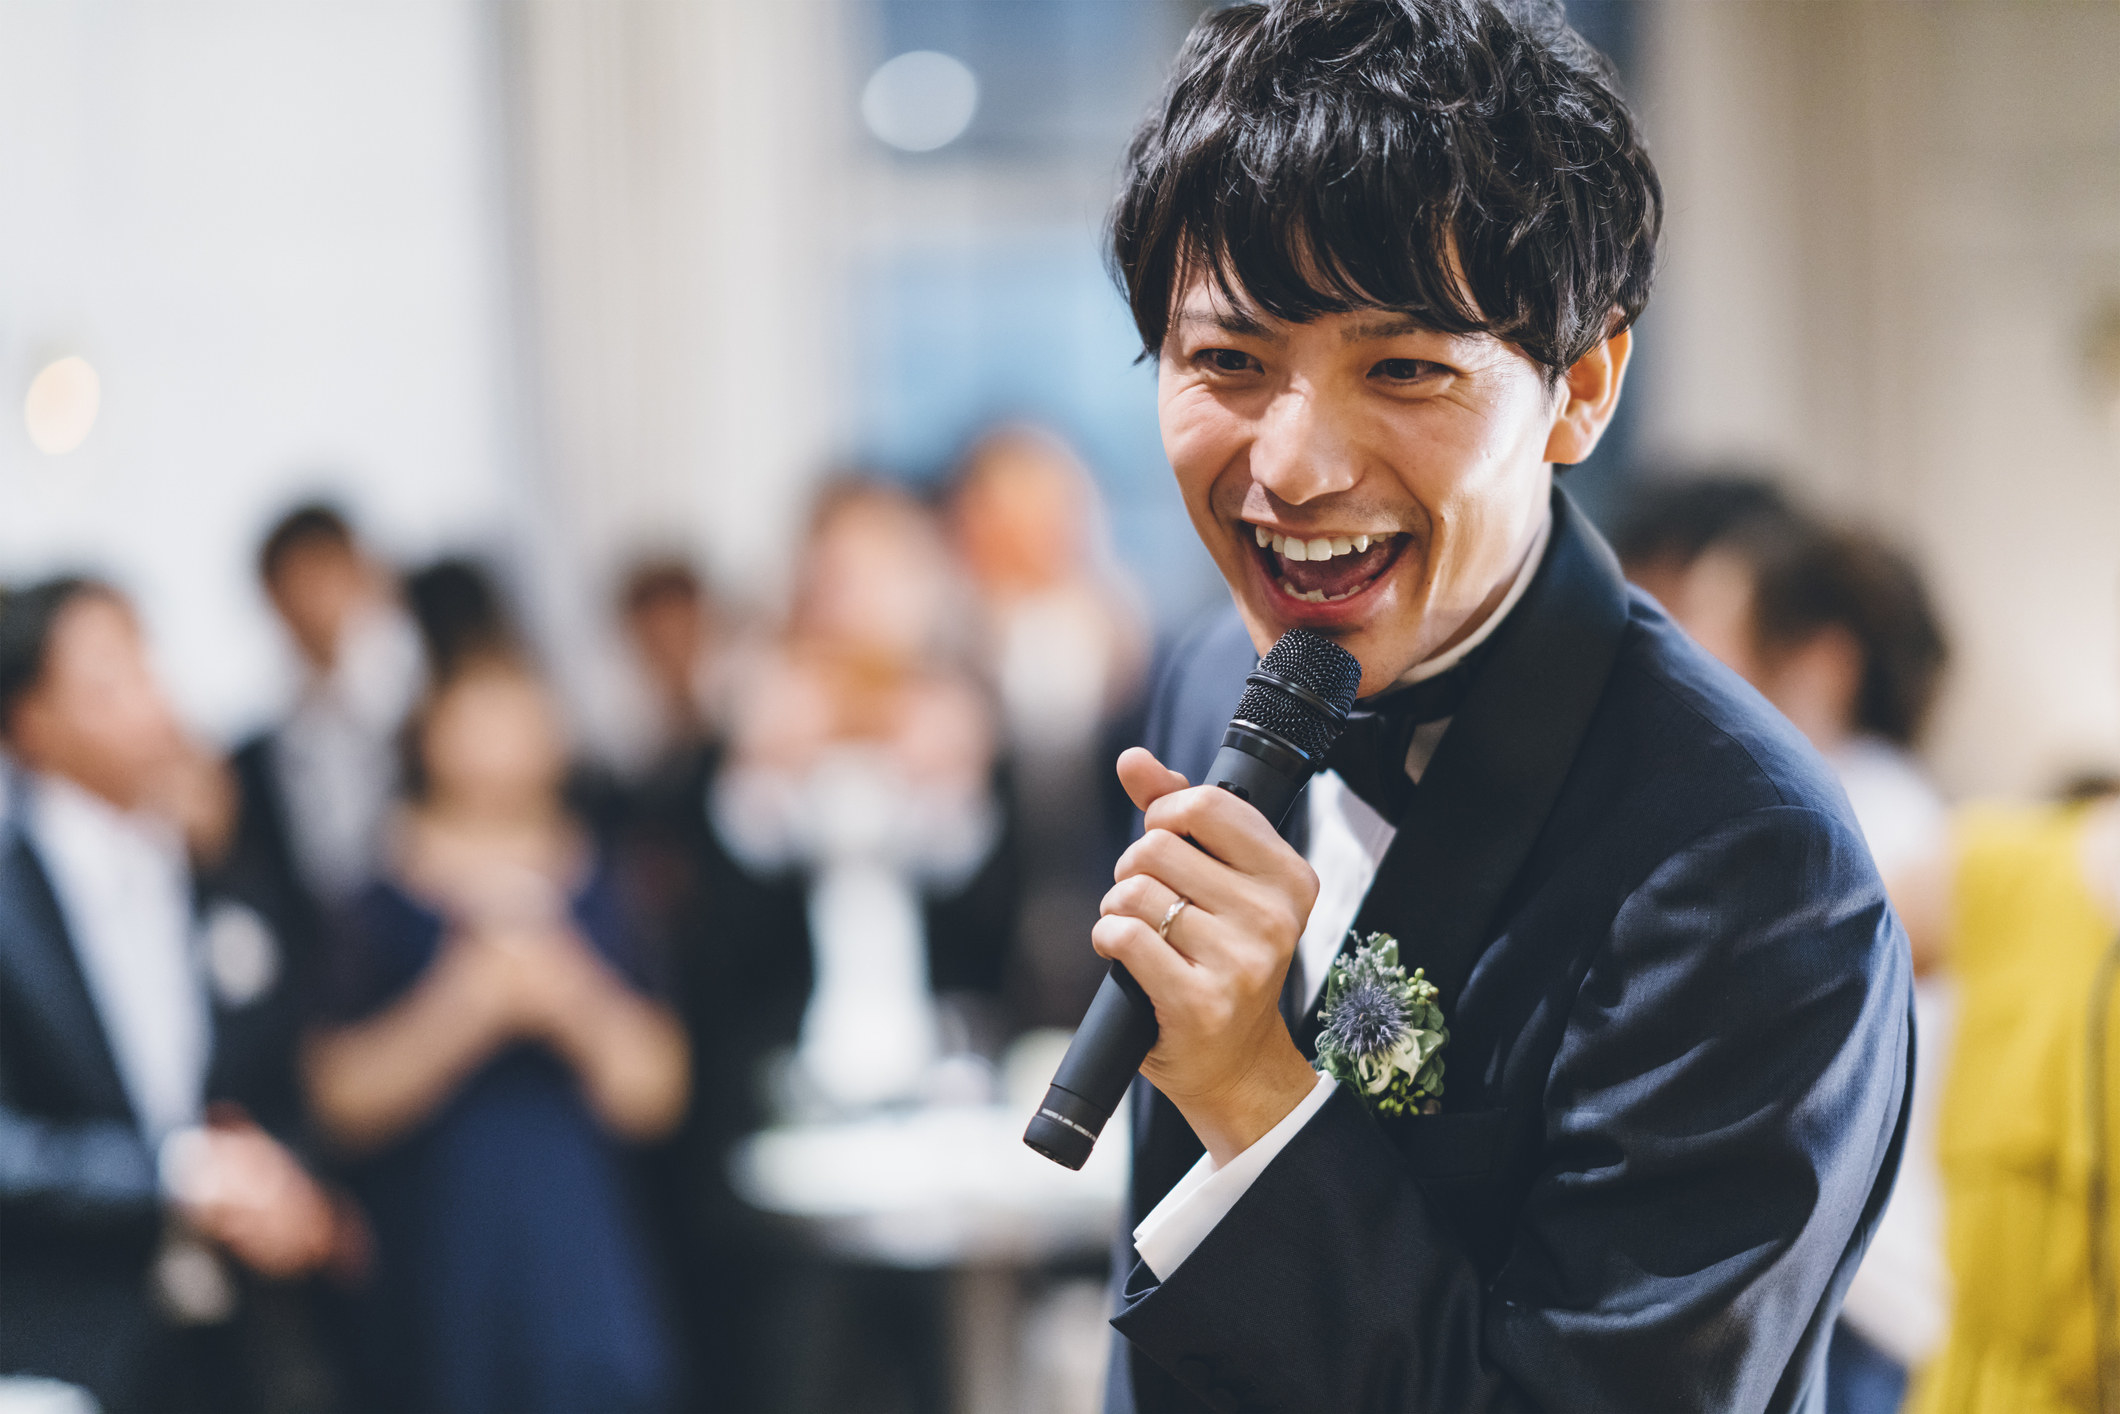 新郎在婚礼上唱歌